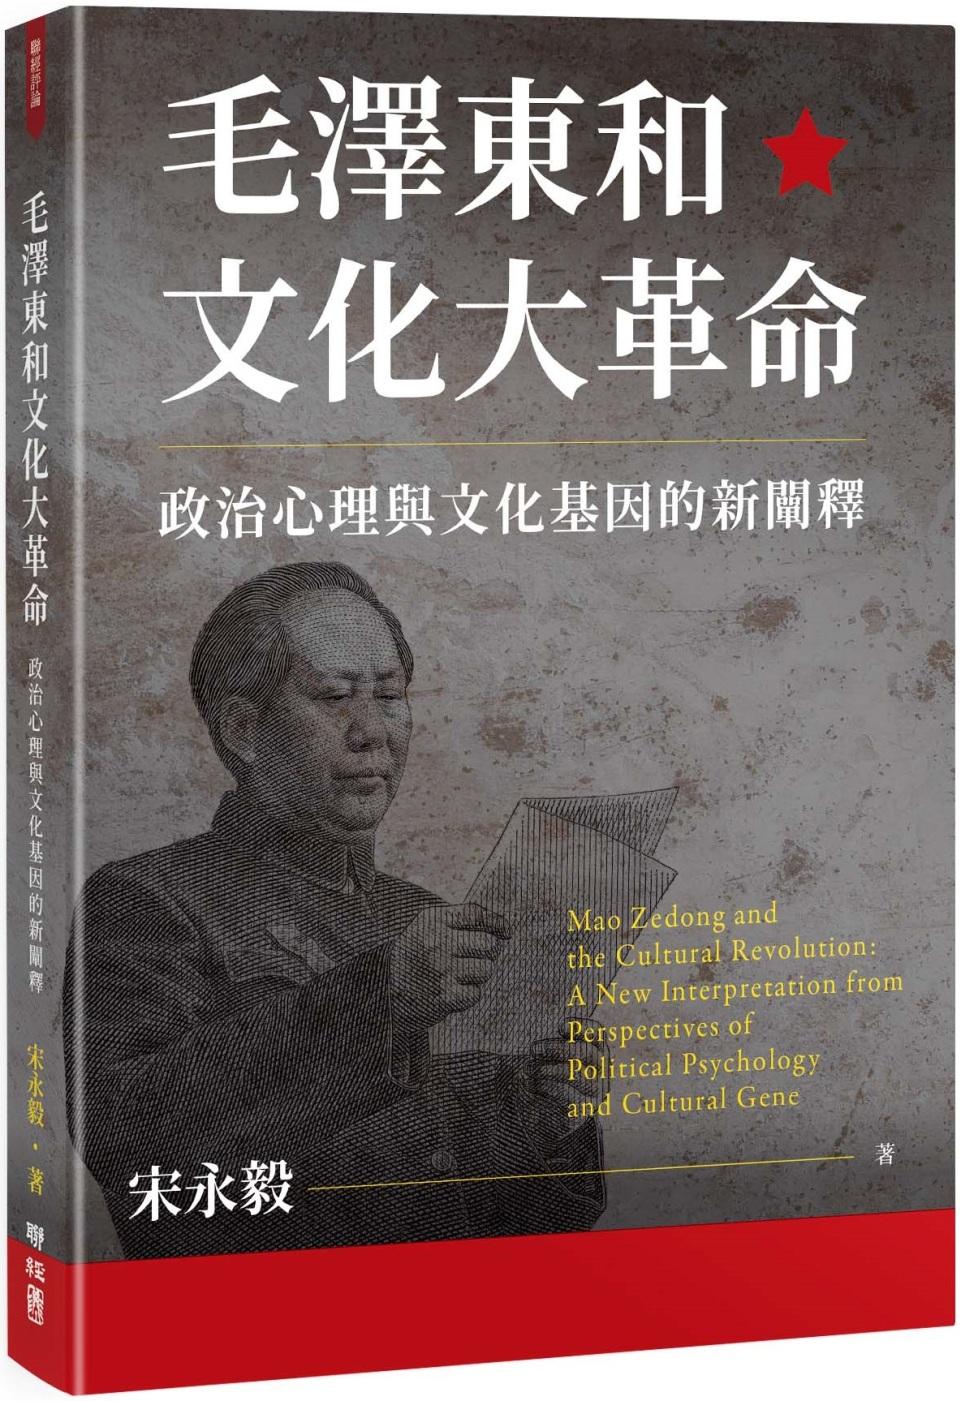 毛澤東和文化大革命:政治心理與...